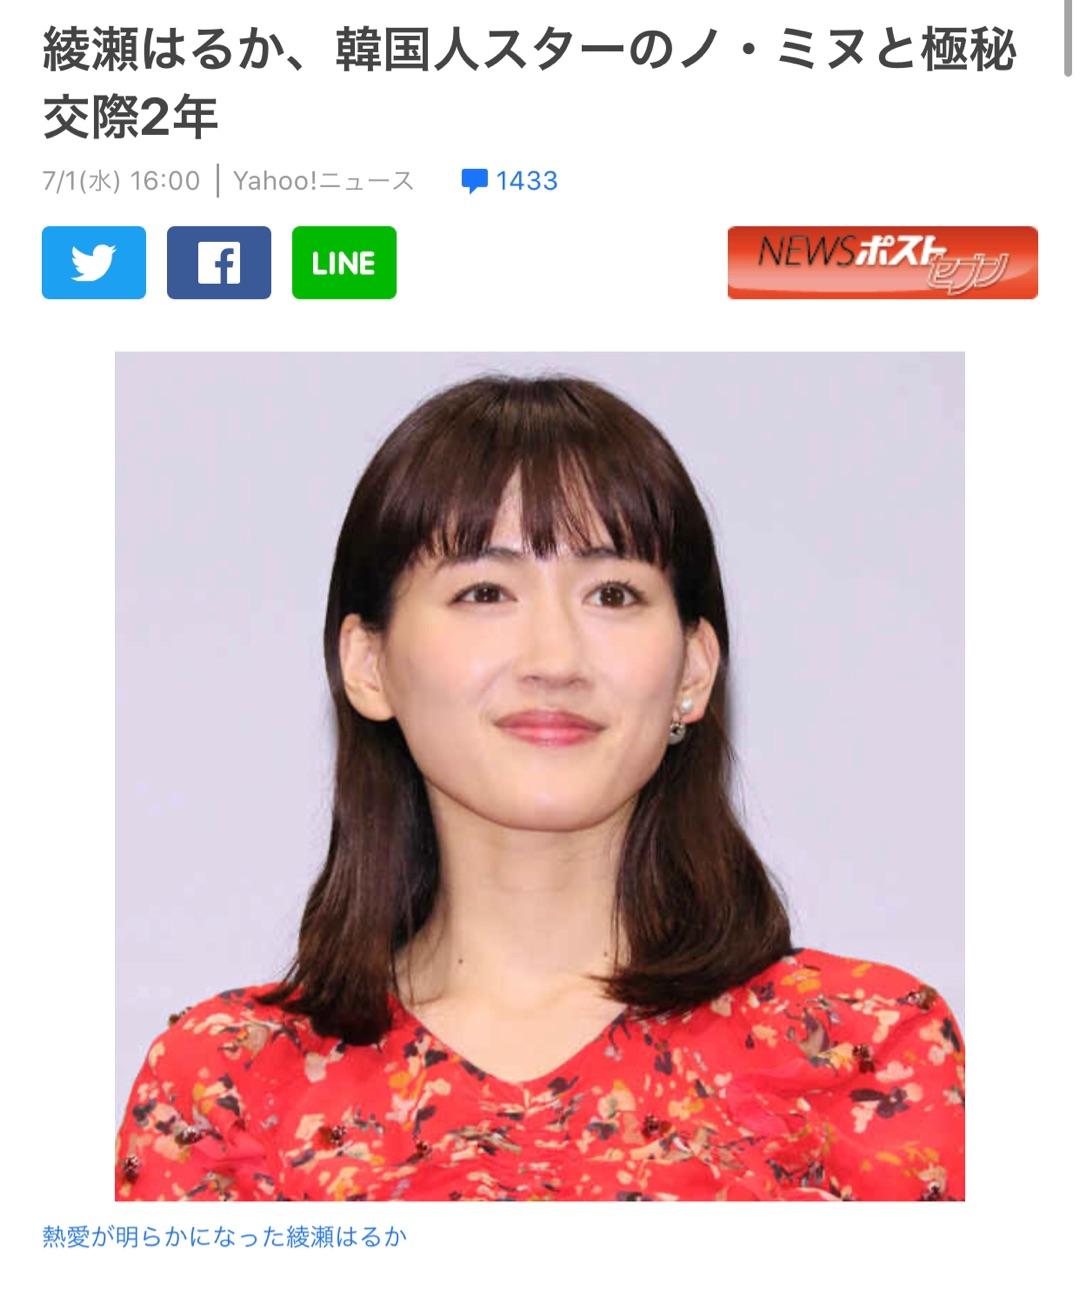 女優『綾瀬はるか』の熱愛記事について 、上から圧力がかかった模様